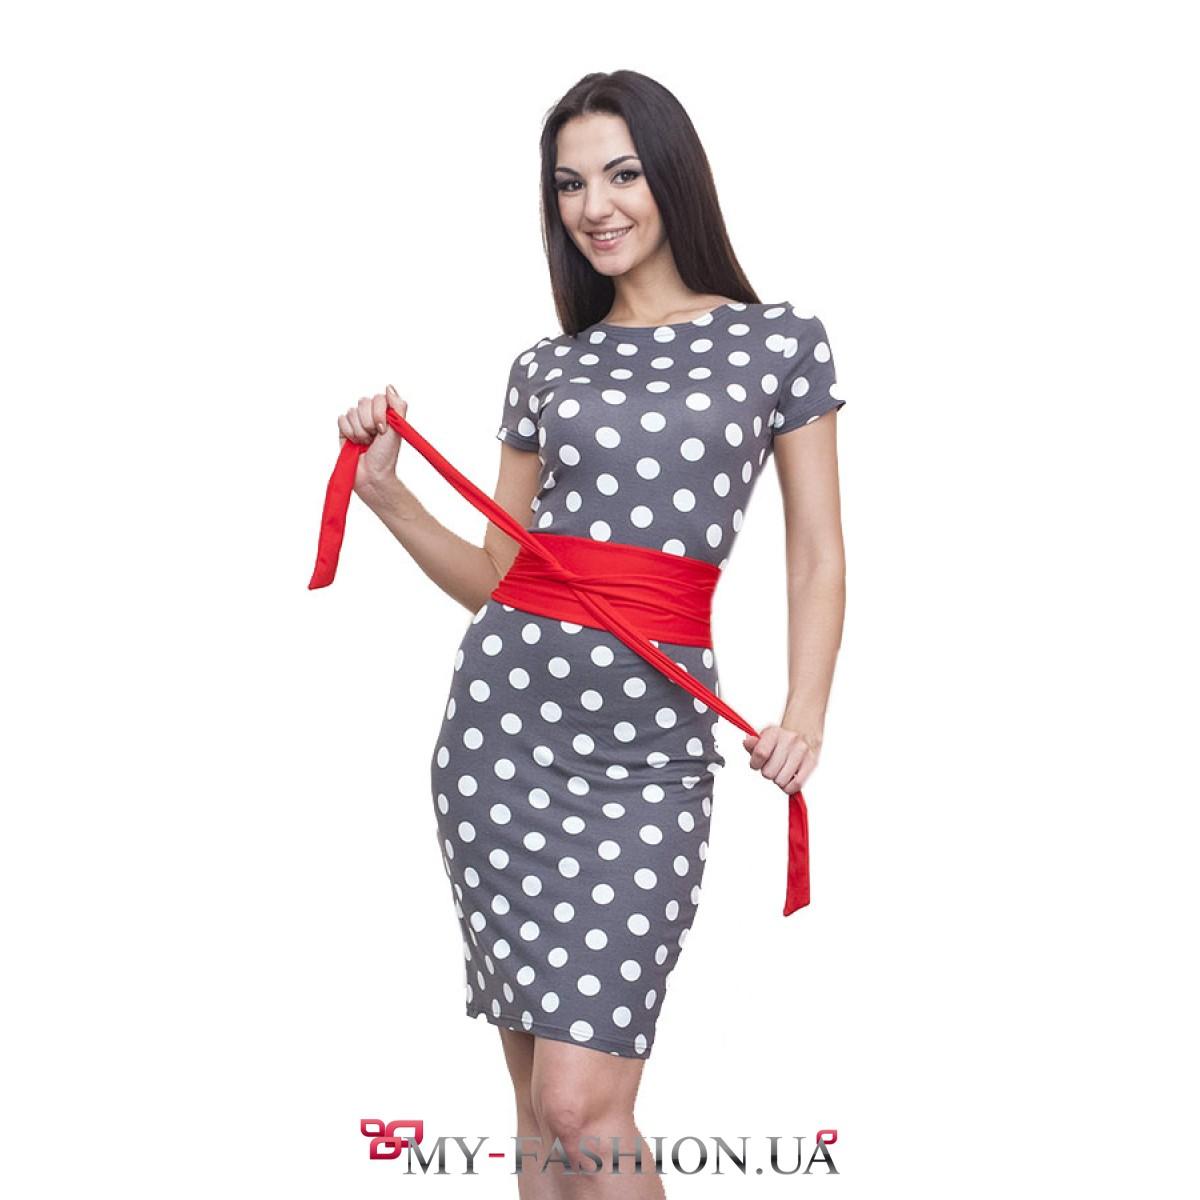 Платье Для Работы В Офисе Купить